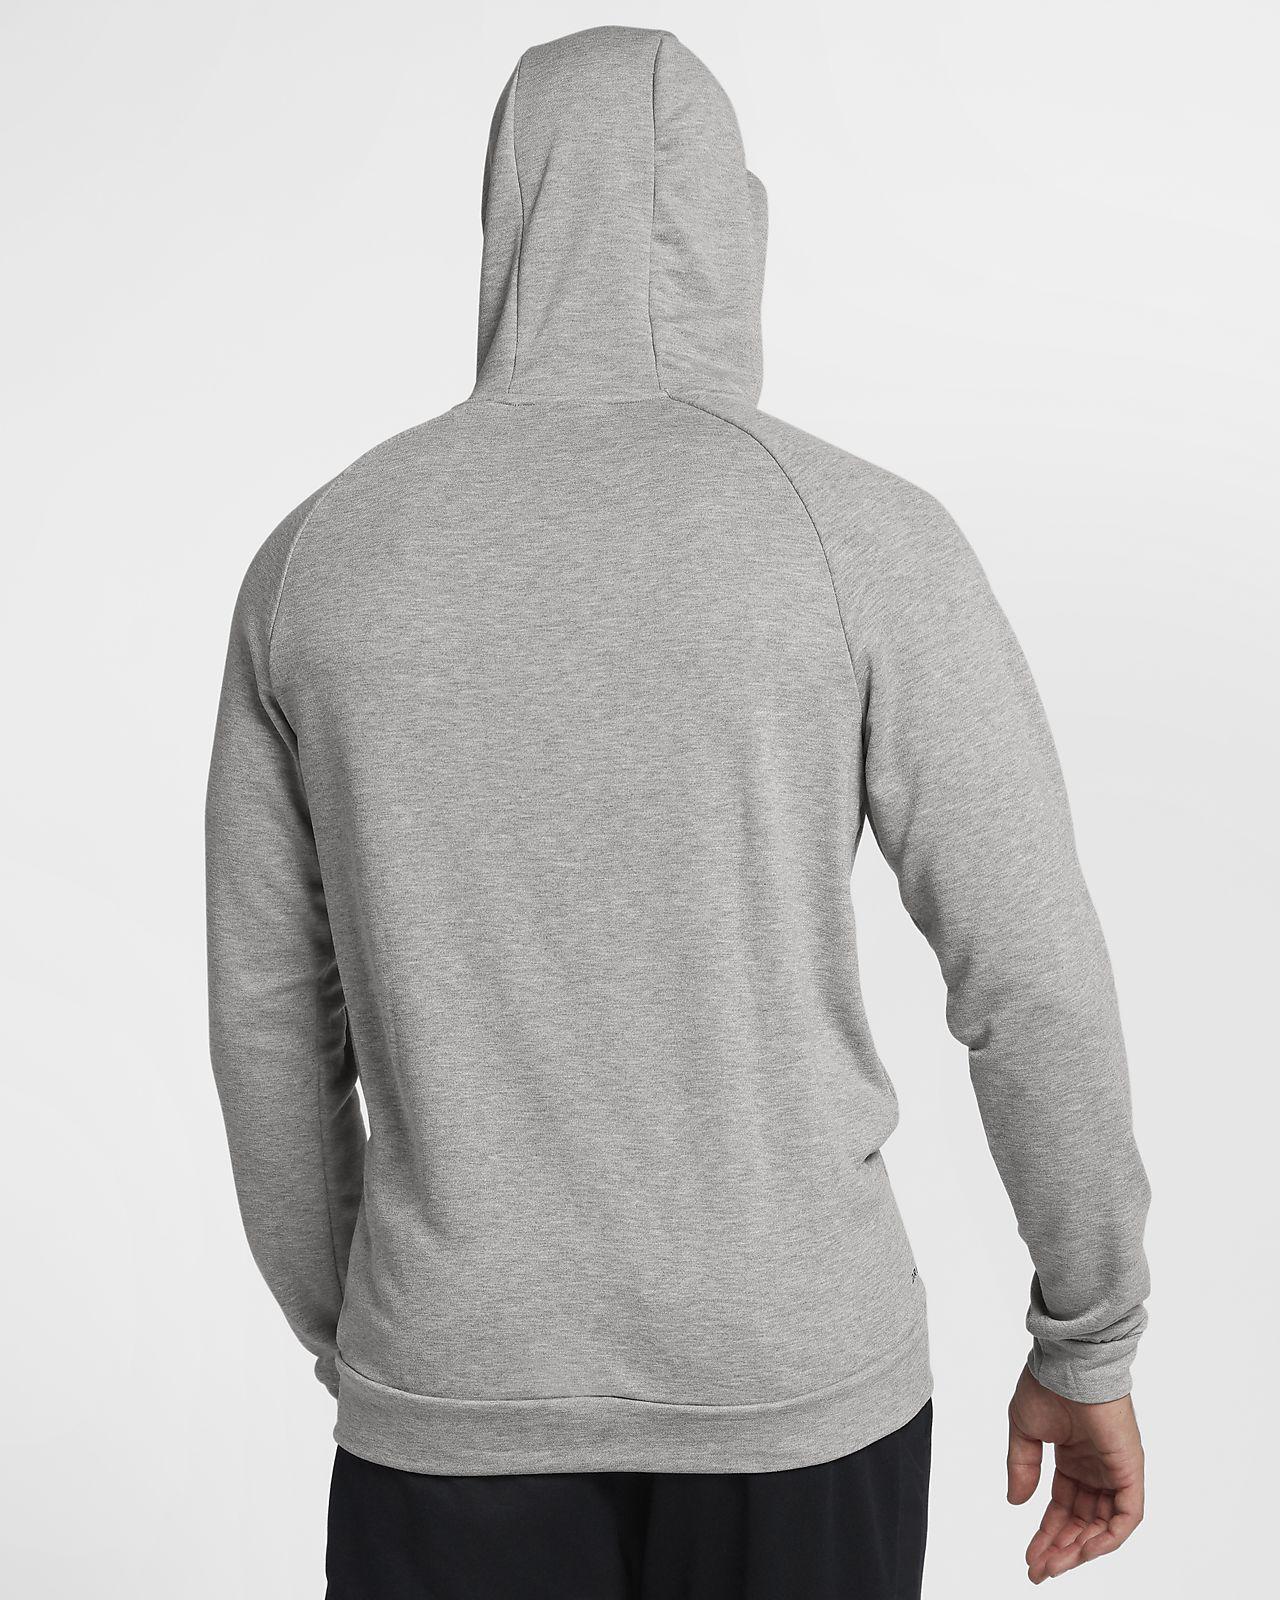 Nike Dri-FIT Kapüşonlu Erkek Antrenman Sweatshirt'ü